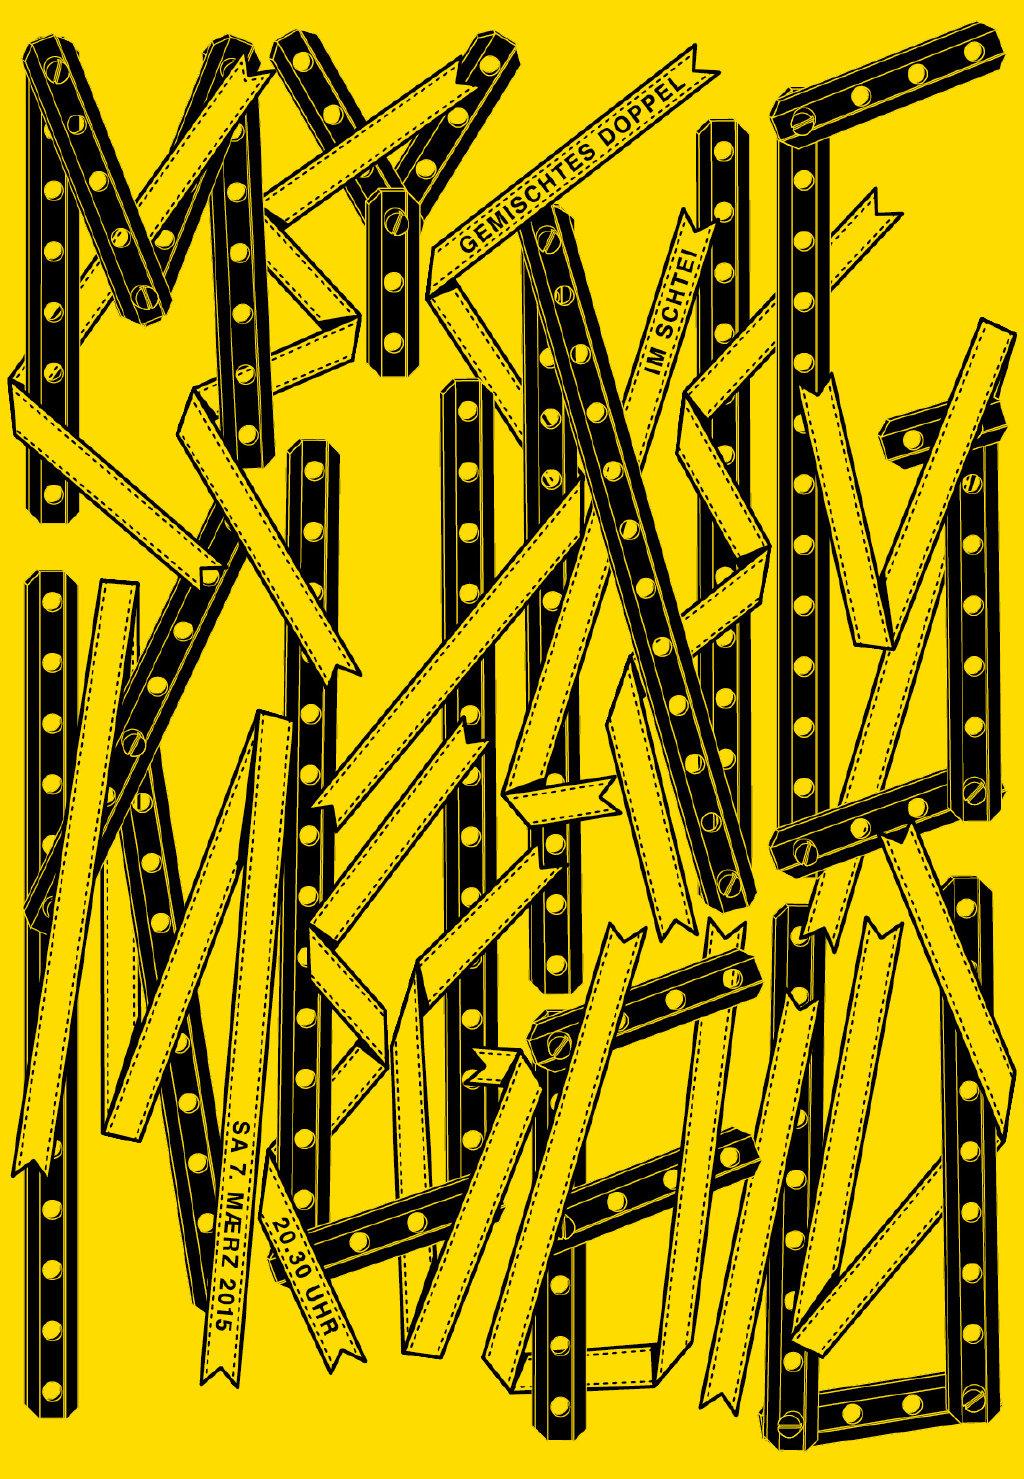 字体海报设计作品欣赏!by - 设计师 erich brechbühl